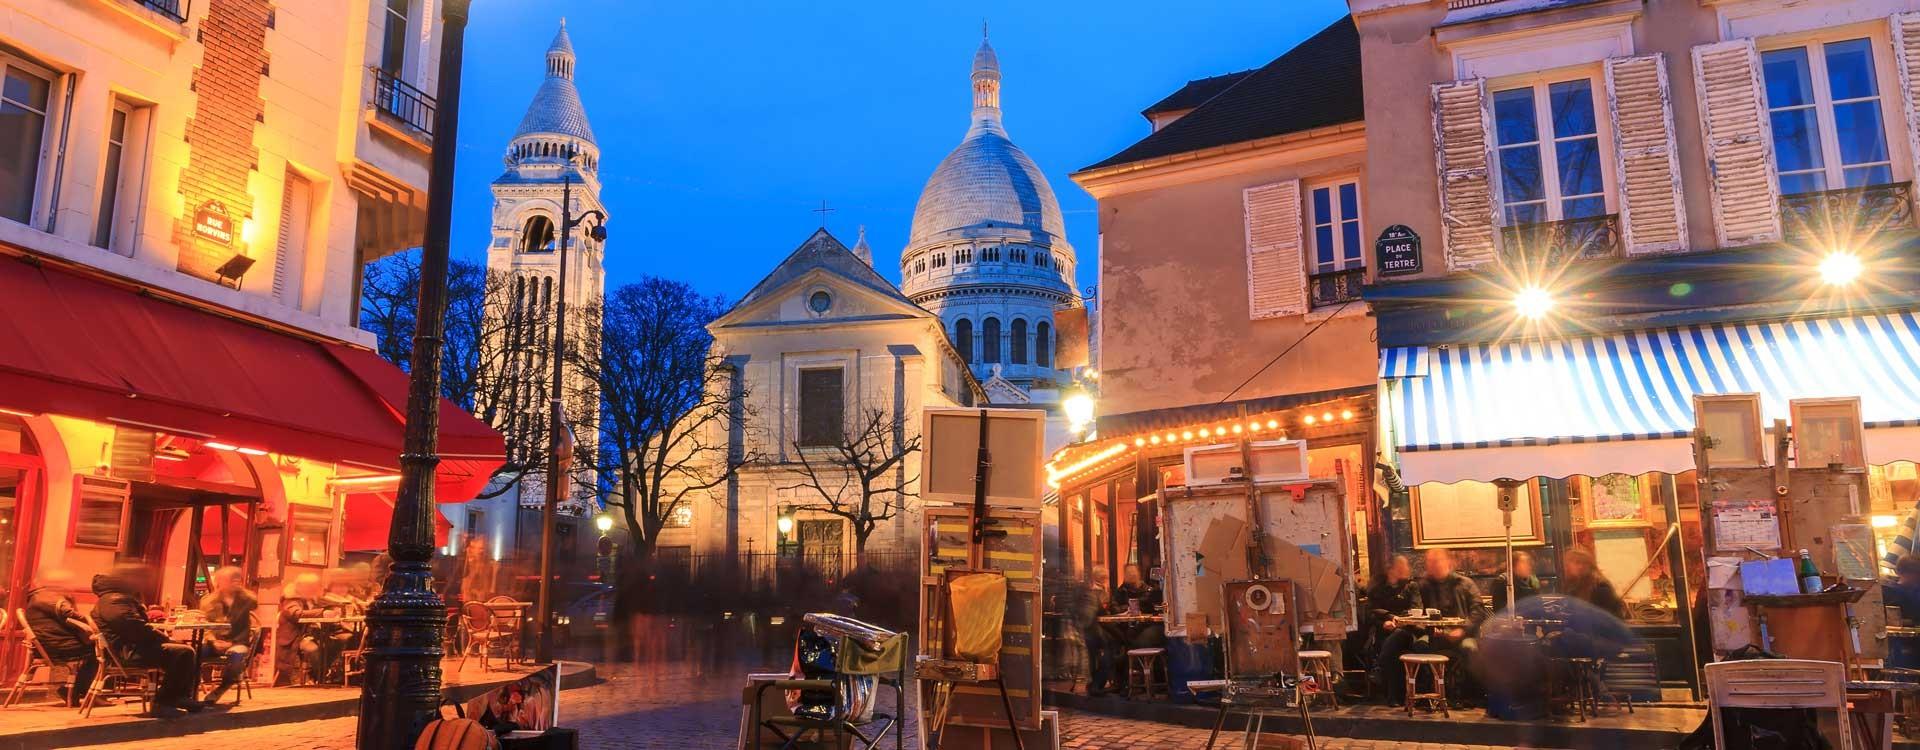 Quartier de Montmartre